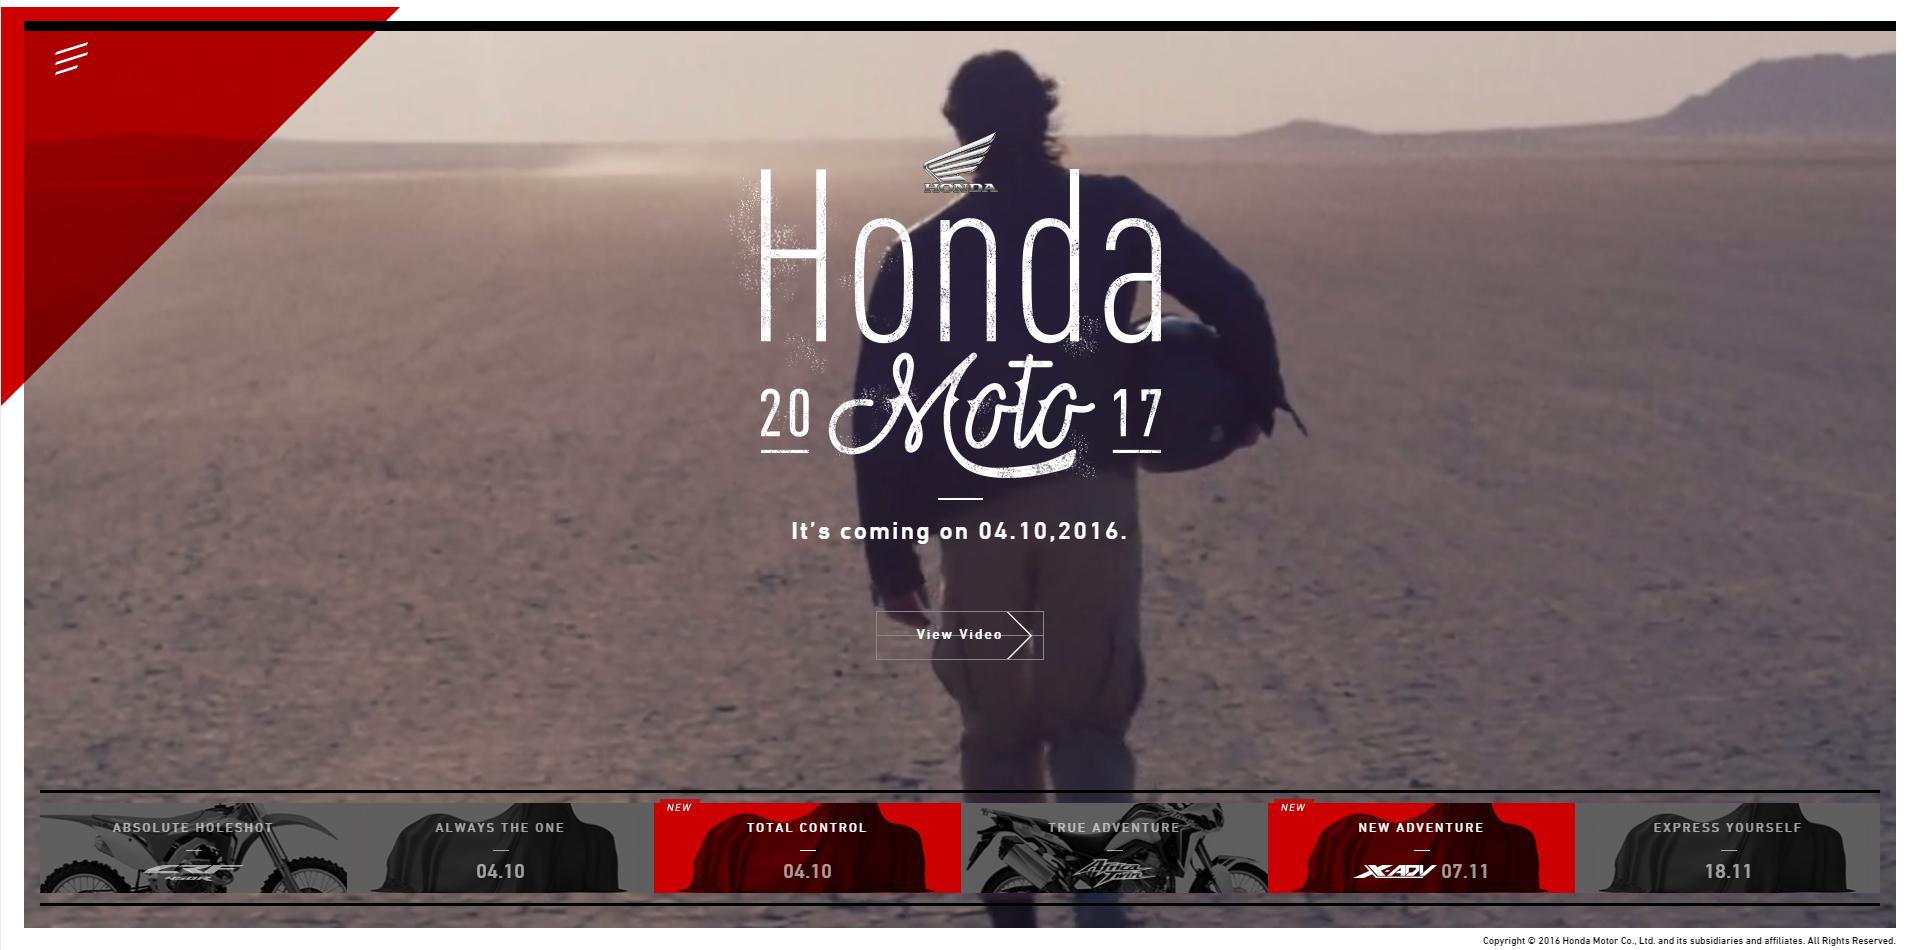 honda-new-website